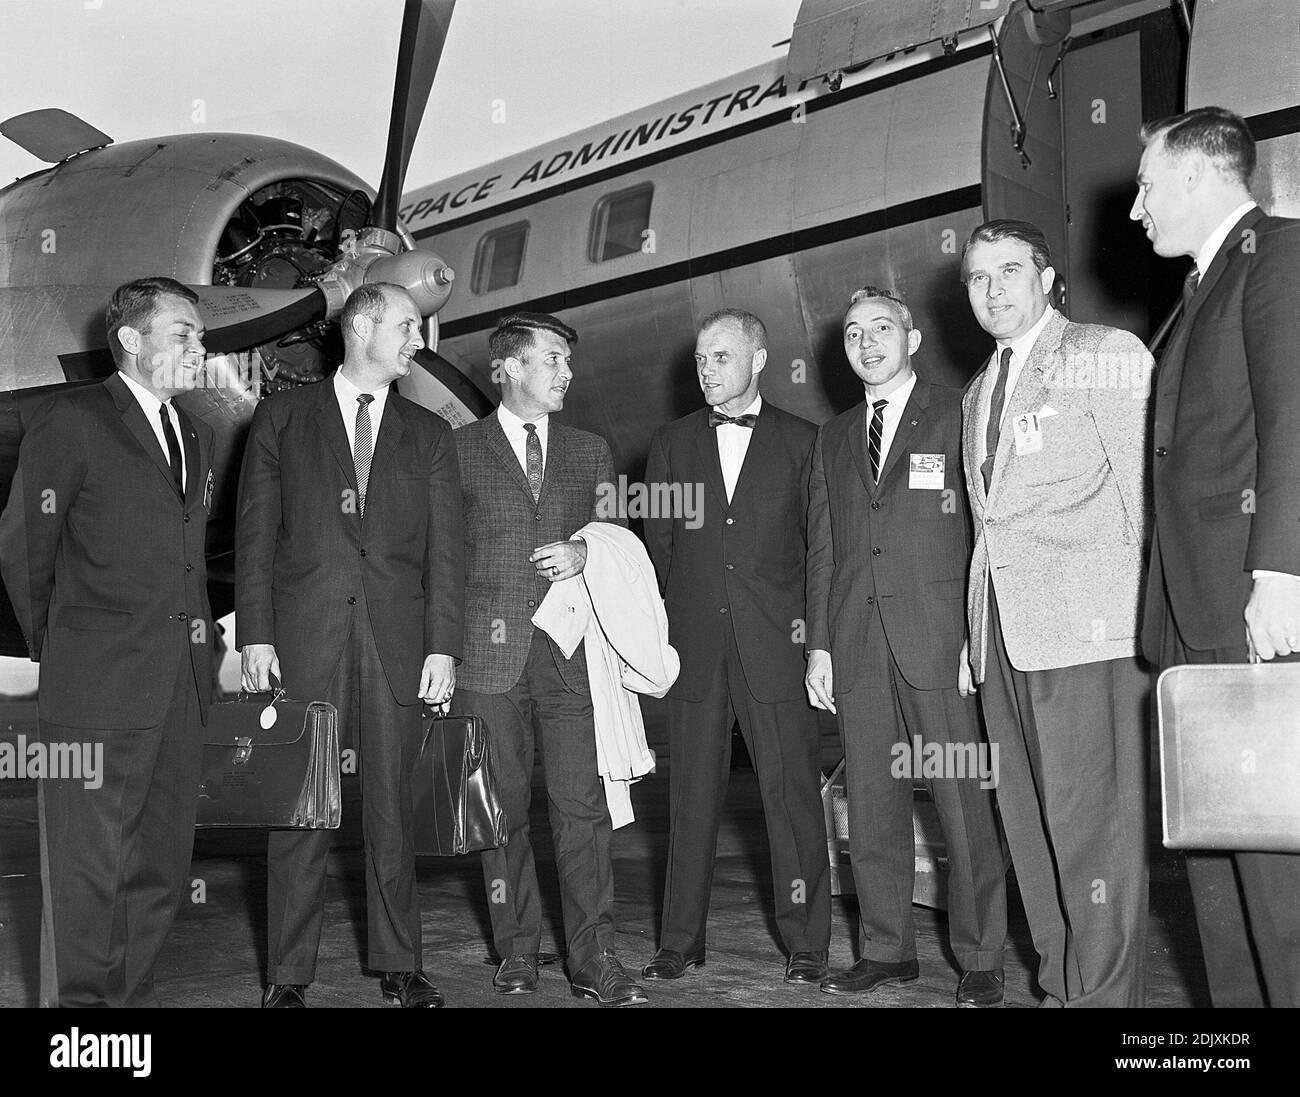 Beamte des NASA-Hauptquartiers und der Astronauten trafen sich oft mit Dr. Wernher von Braun in Huntsville, Alabama. Dieses Foto wurde im September 1962 während eines solchen Besuchs aufgenommen. Von links nach rechts sind Elliot See, Tom Stafford, Wally Schirra, John Glenn, Brainerd Holmes, Dr. von Braun und Jim Lovell. Foto der NASA via CNP/ABACAPRESS.COM Stockfoto